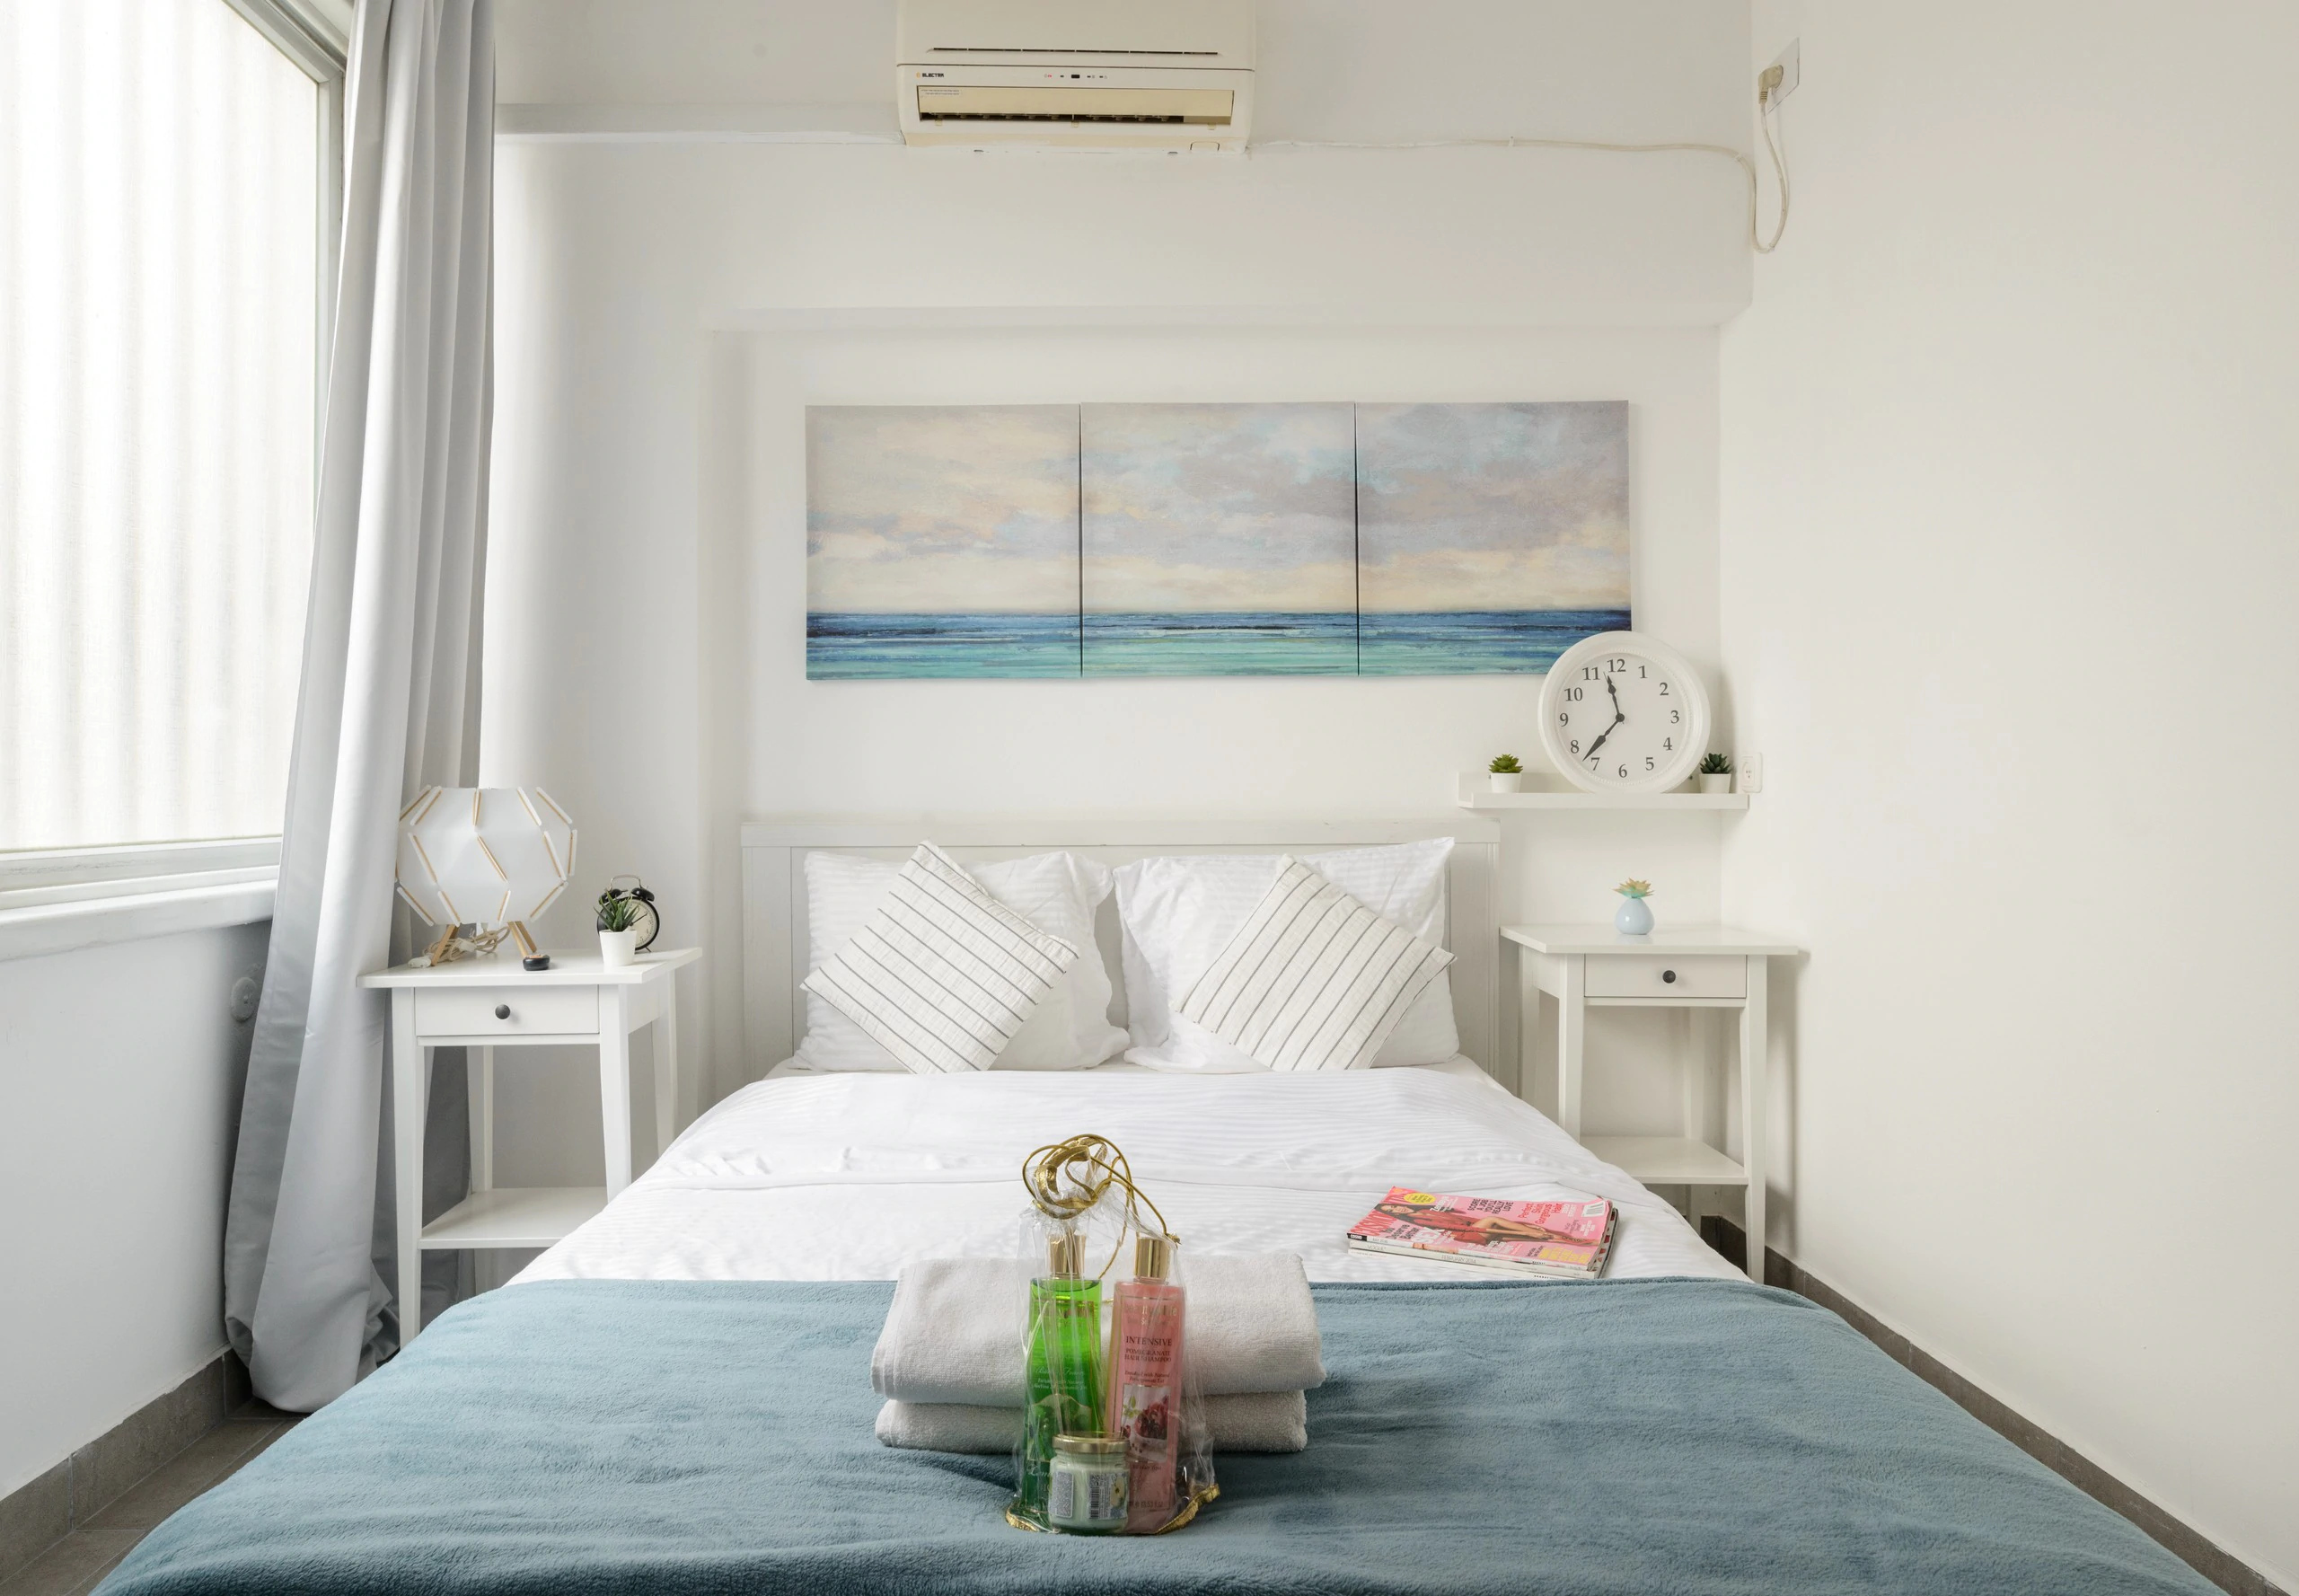 Apartment Sea View 2 bedroom apartment next to Hilton beach photo 21105527